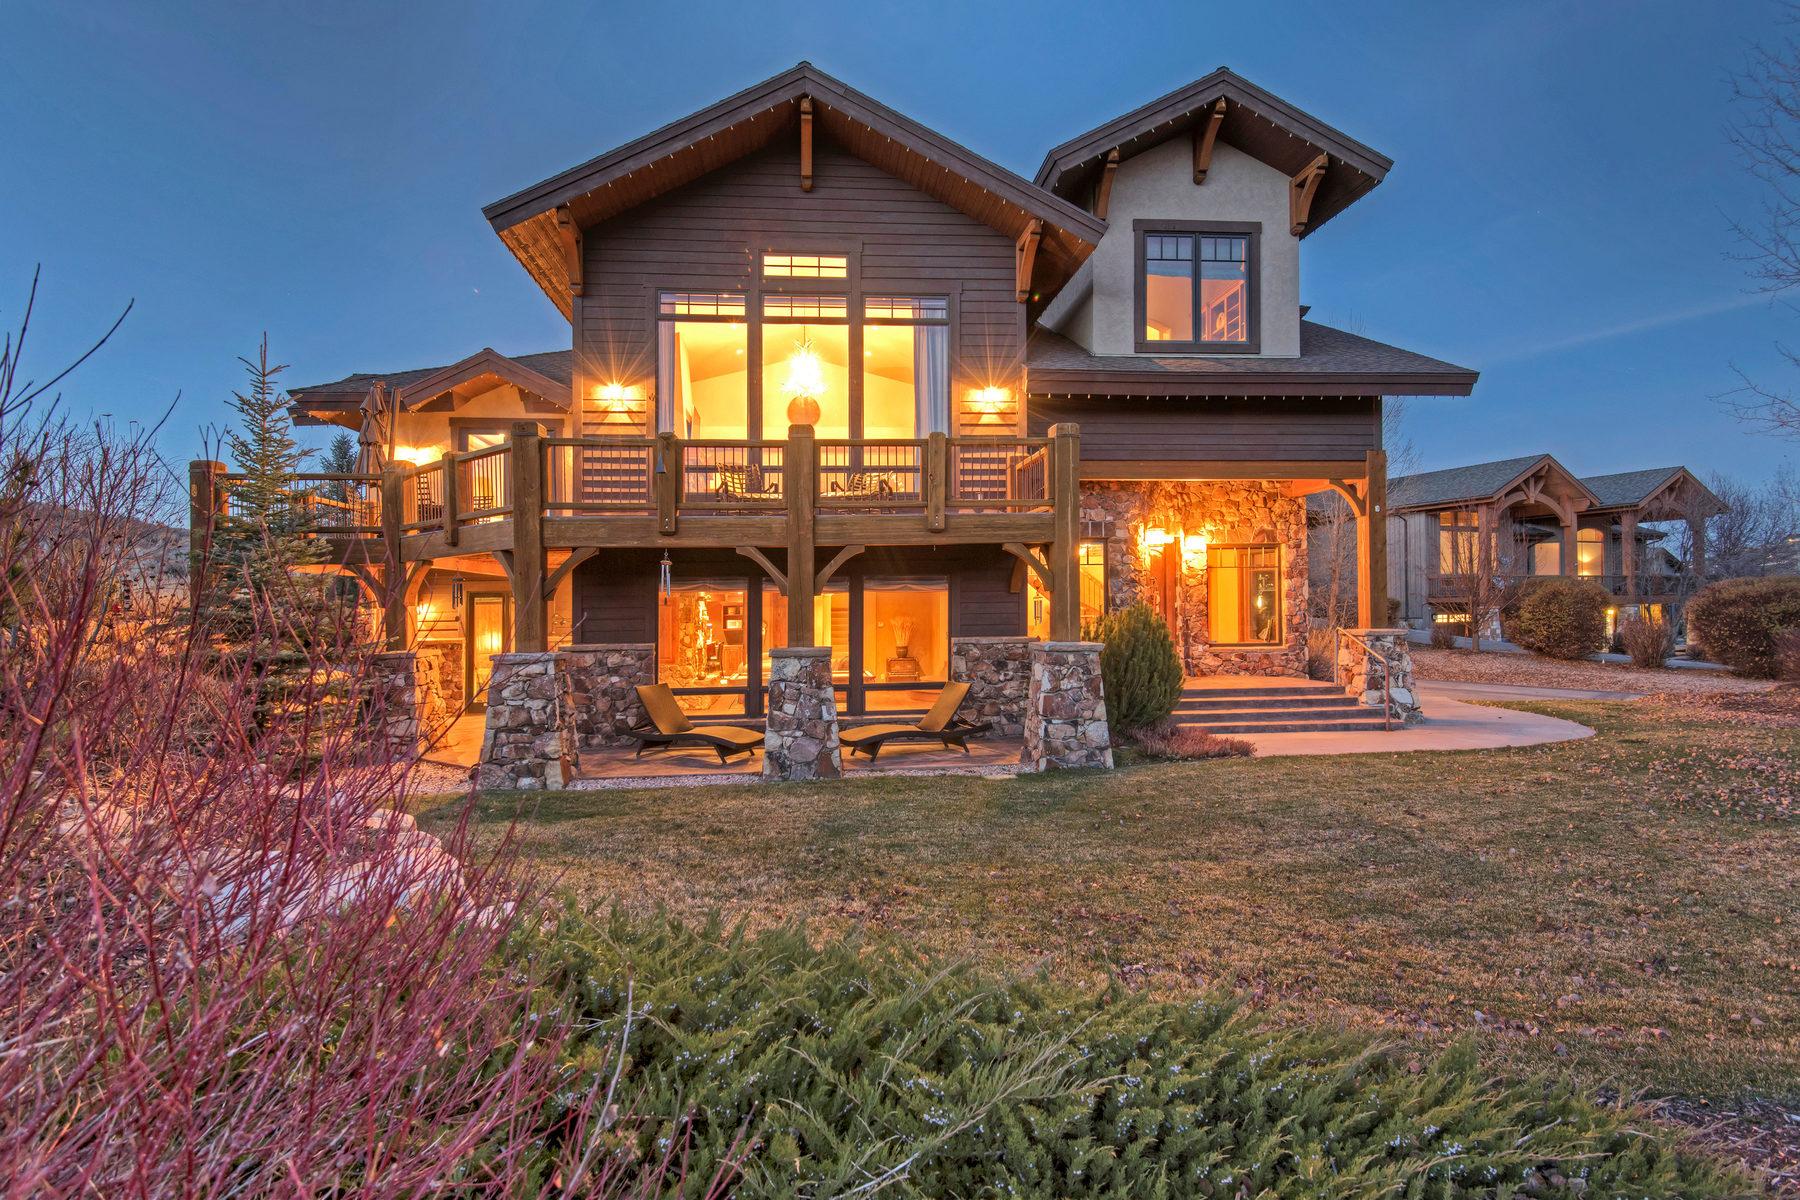 Частный односемейный дом для того Продажа на Ski Run Views from Deer Valley to Canyons 6140 Trailside Dr Park City, Юта, 84098 Соединенные Штаты